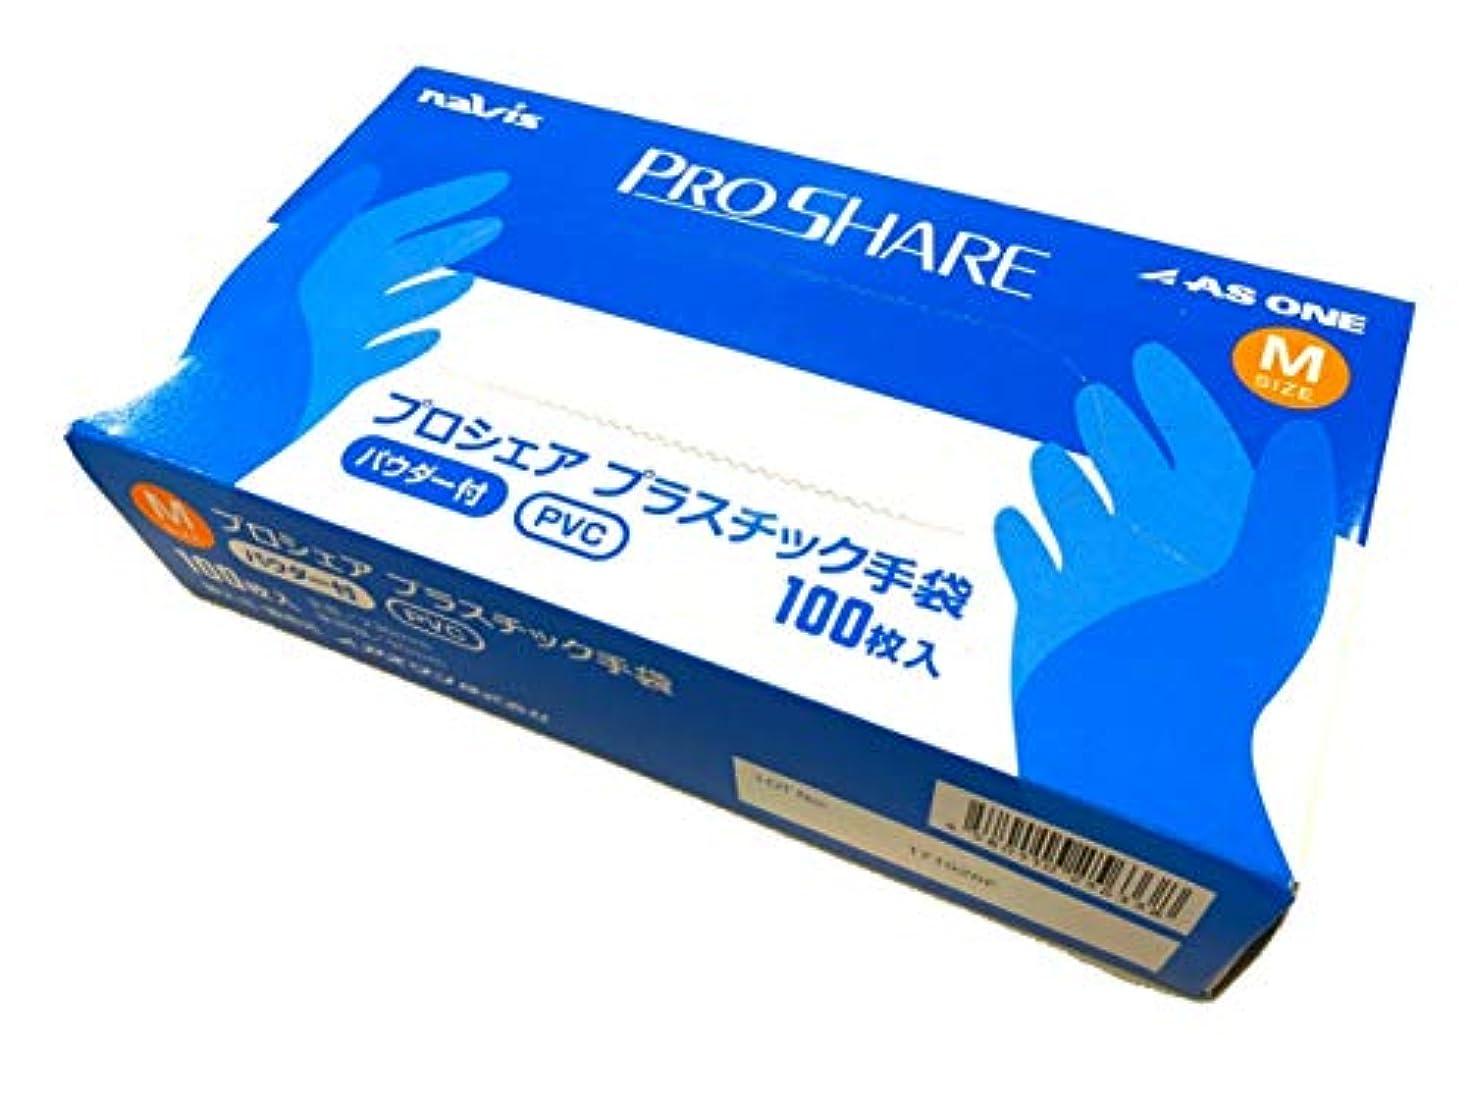 見つけた生タブレットナビス プロシェア 使い捨て プラスチック手袋 パウダー付 M 1箱(100枚入) / 8-9570-02